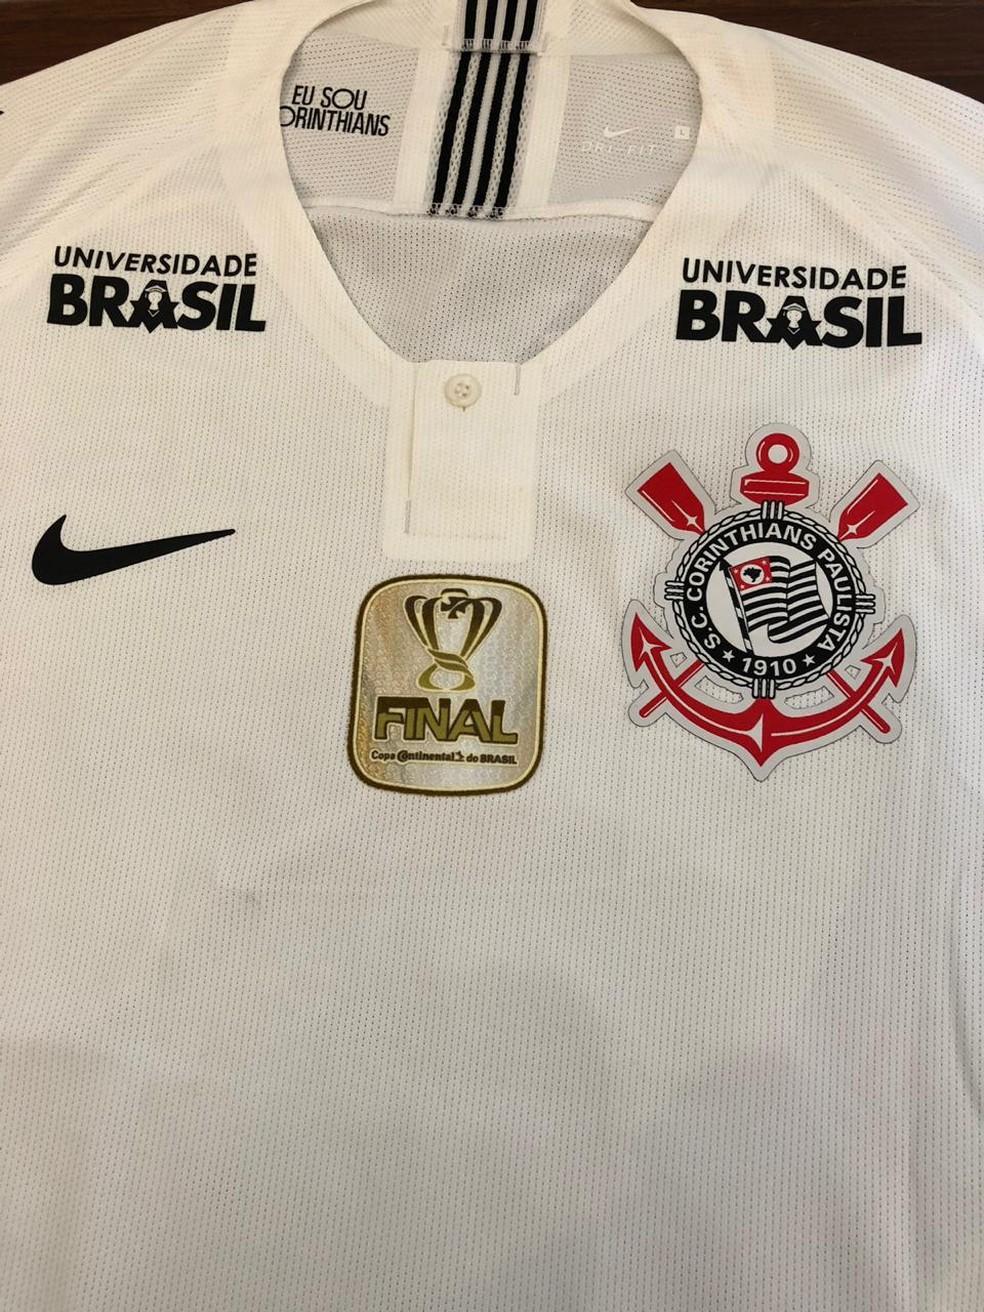 Detalhe da camisa do Corinthians na final da Copa do Brasil — Foto: GloboEsporte.com